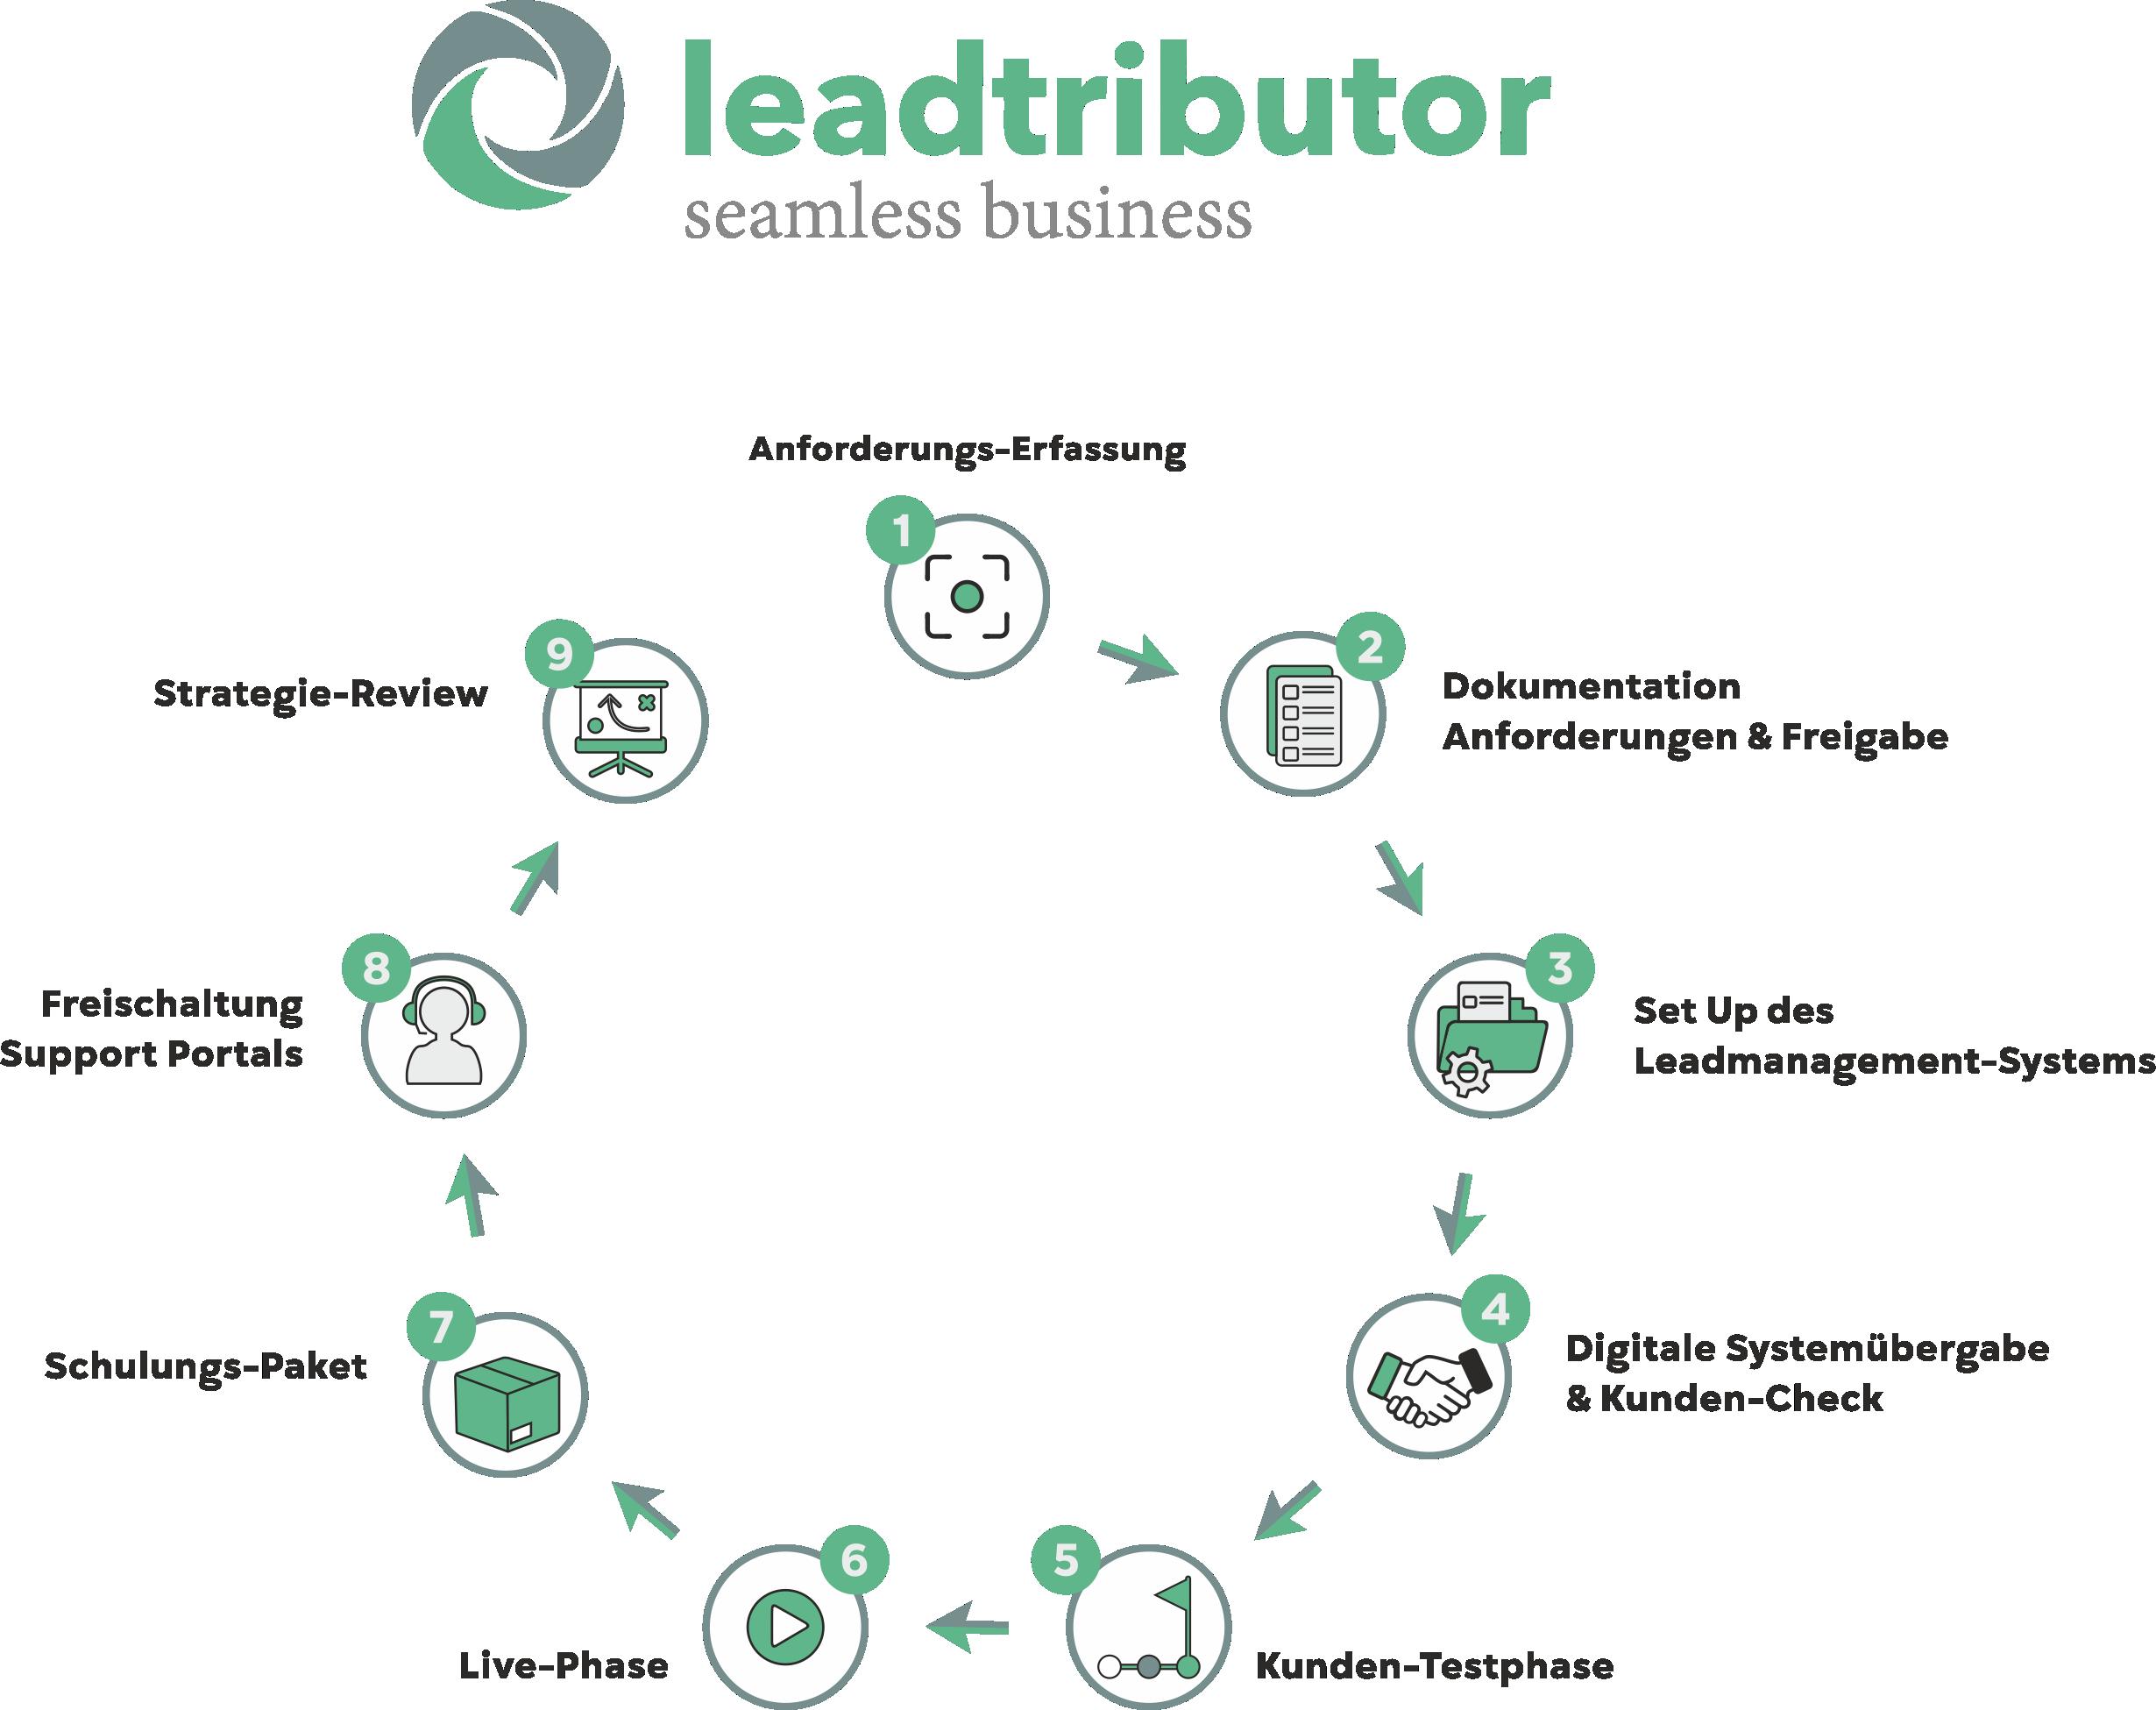 leadtributor Methode